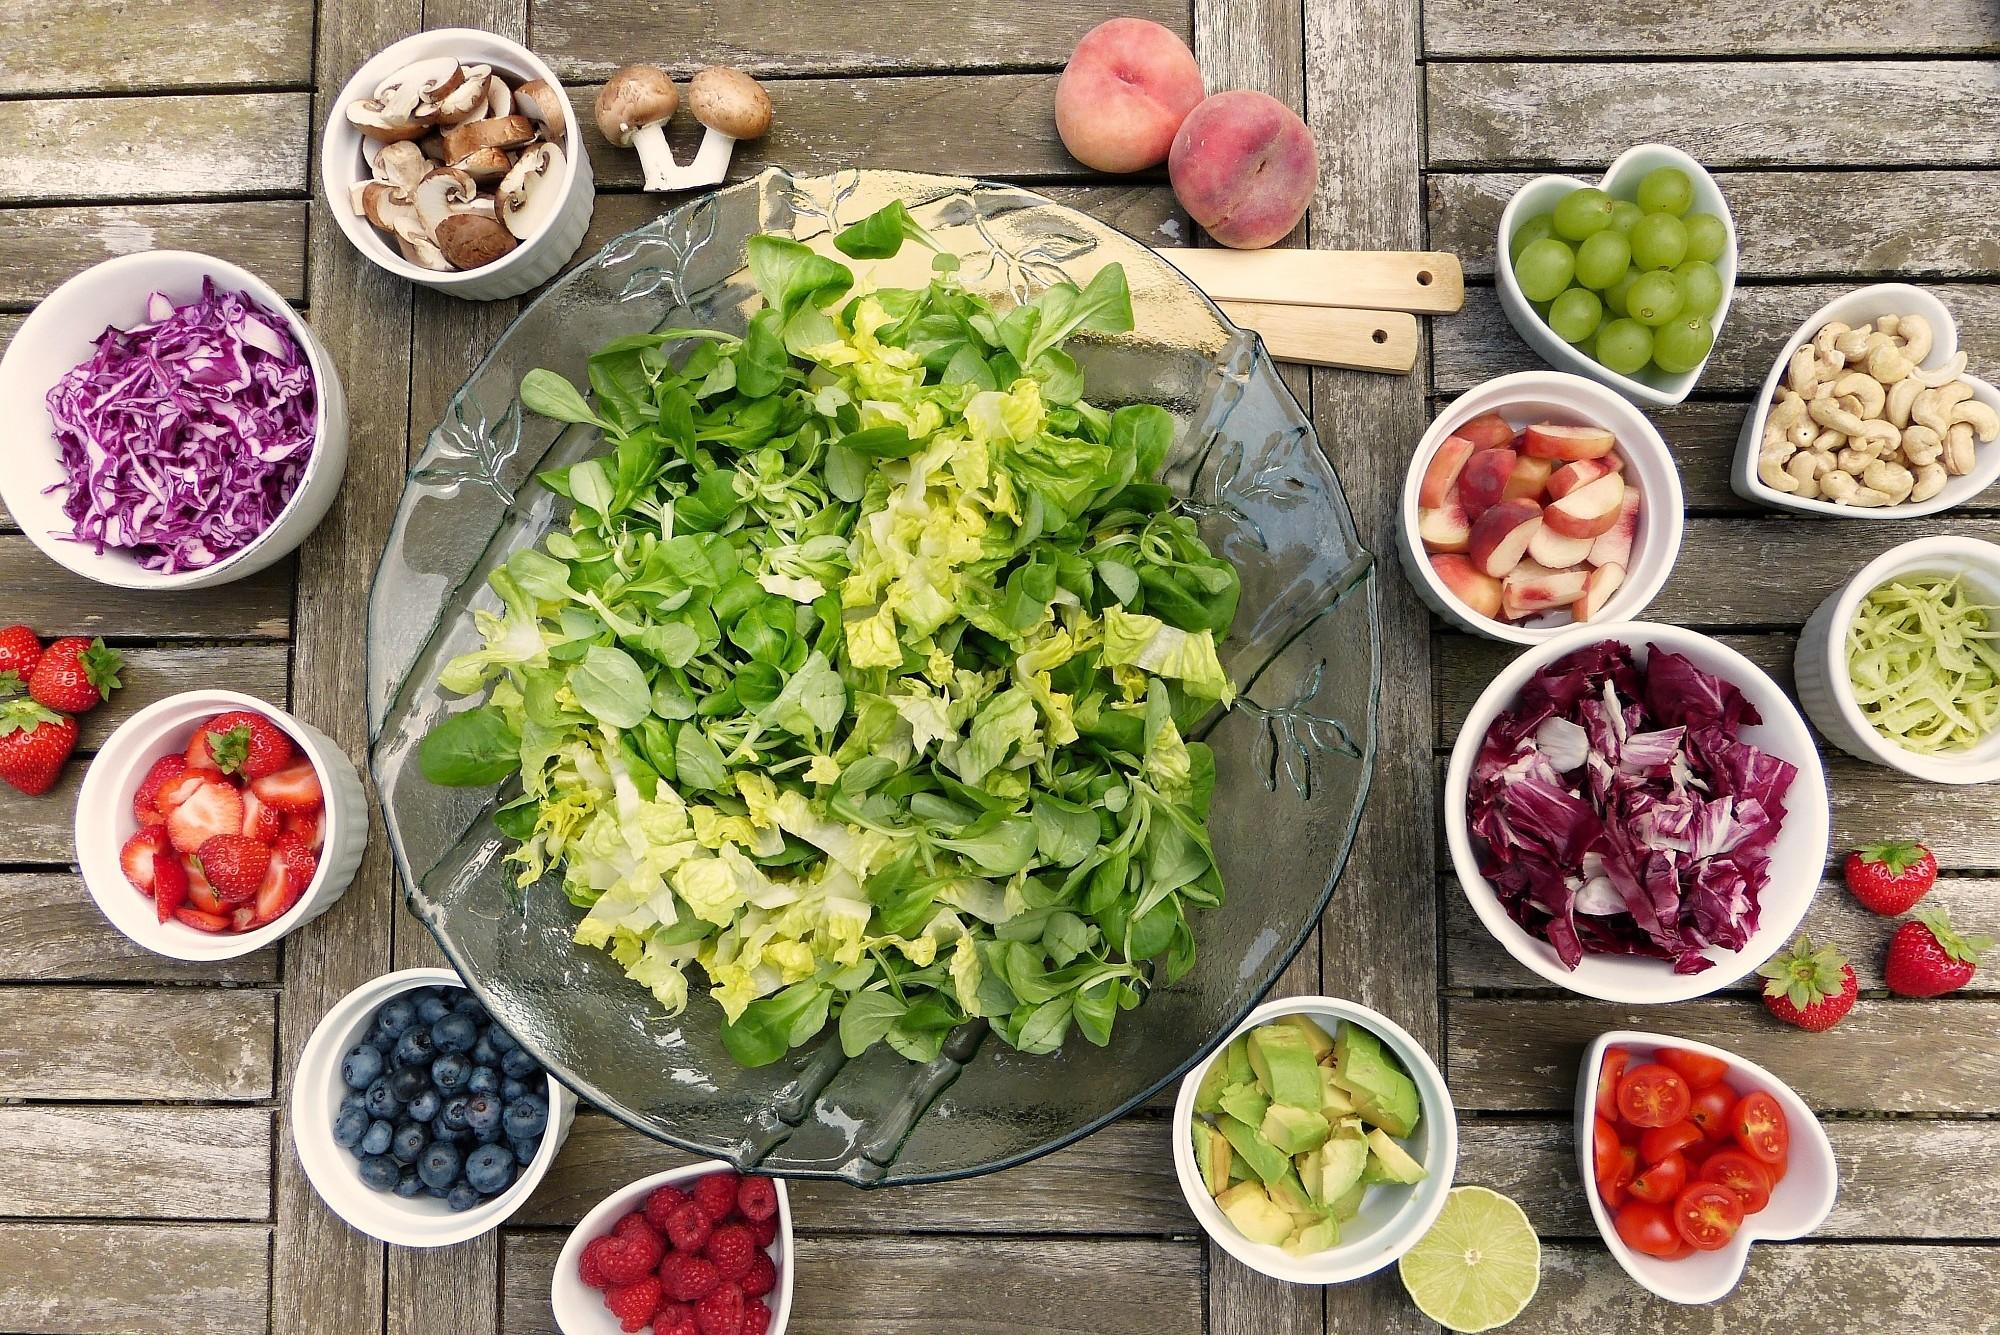 Apgūs uzturvielu nozīmi un veselīgu uzkodu gatavošanu